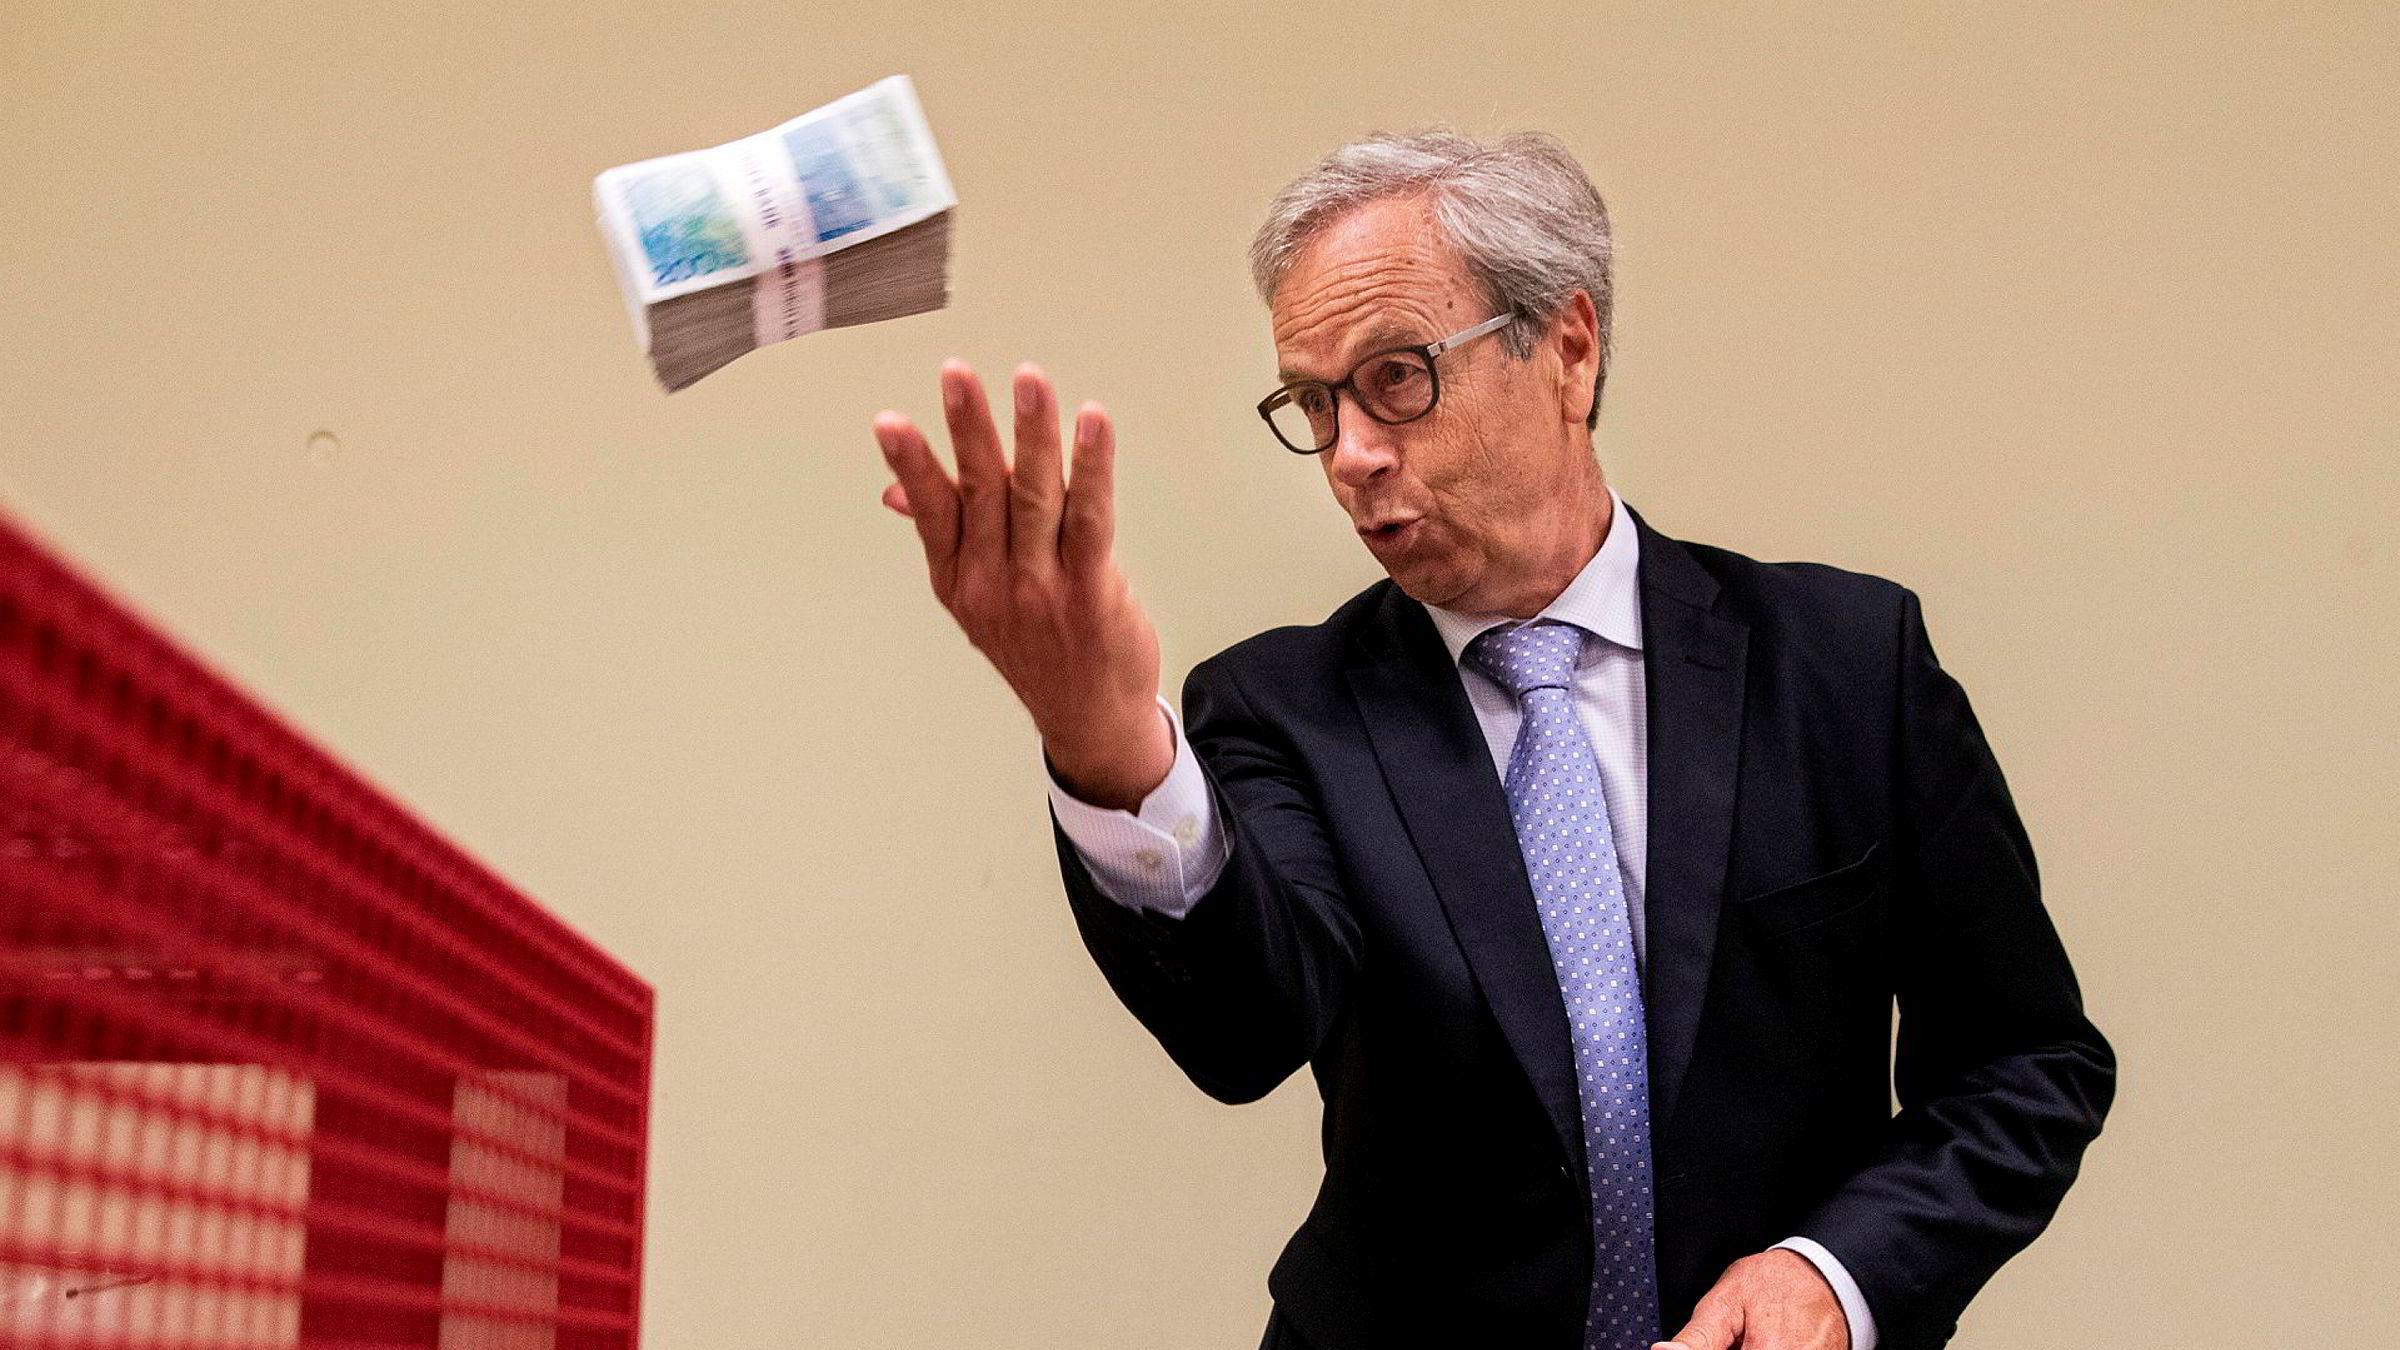 Sentralbanksjef Øystein Olsen kaster en bunke med gamle 200-kronesedler. Bildet er fra tidligere i år i forbindelse med at de gamle 100- og 200-kronesedlene ikke lenger er gyldig som betalingsmiddel.